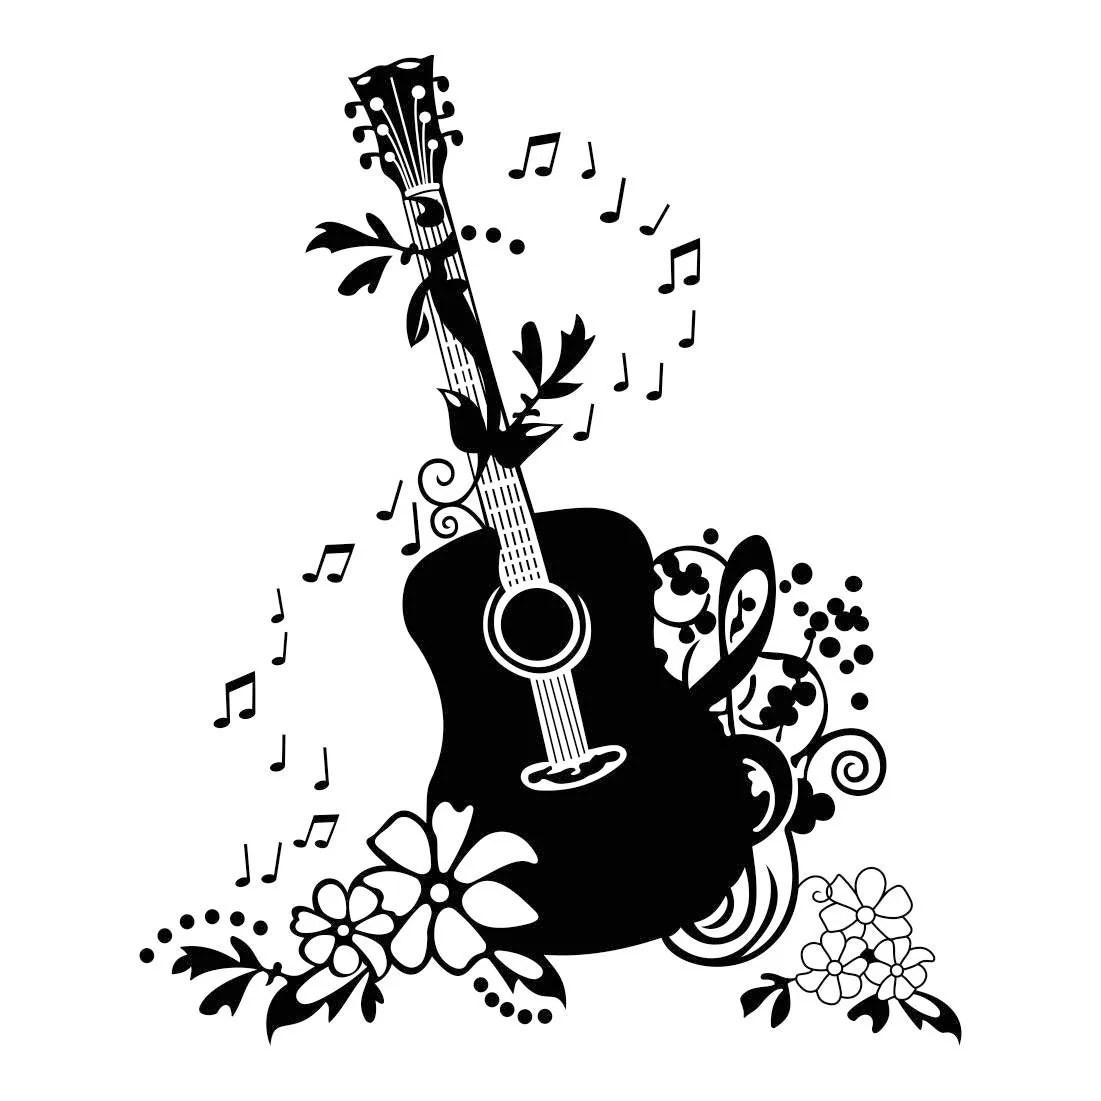 Decorativo Guitarra Musica Graficos Svg Dxf Eps Cdr Ai